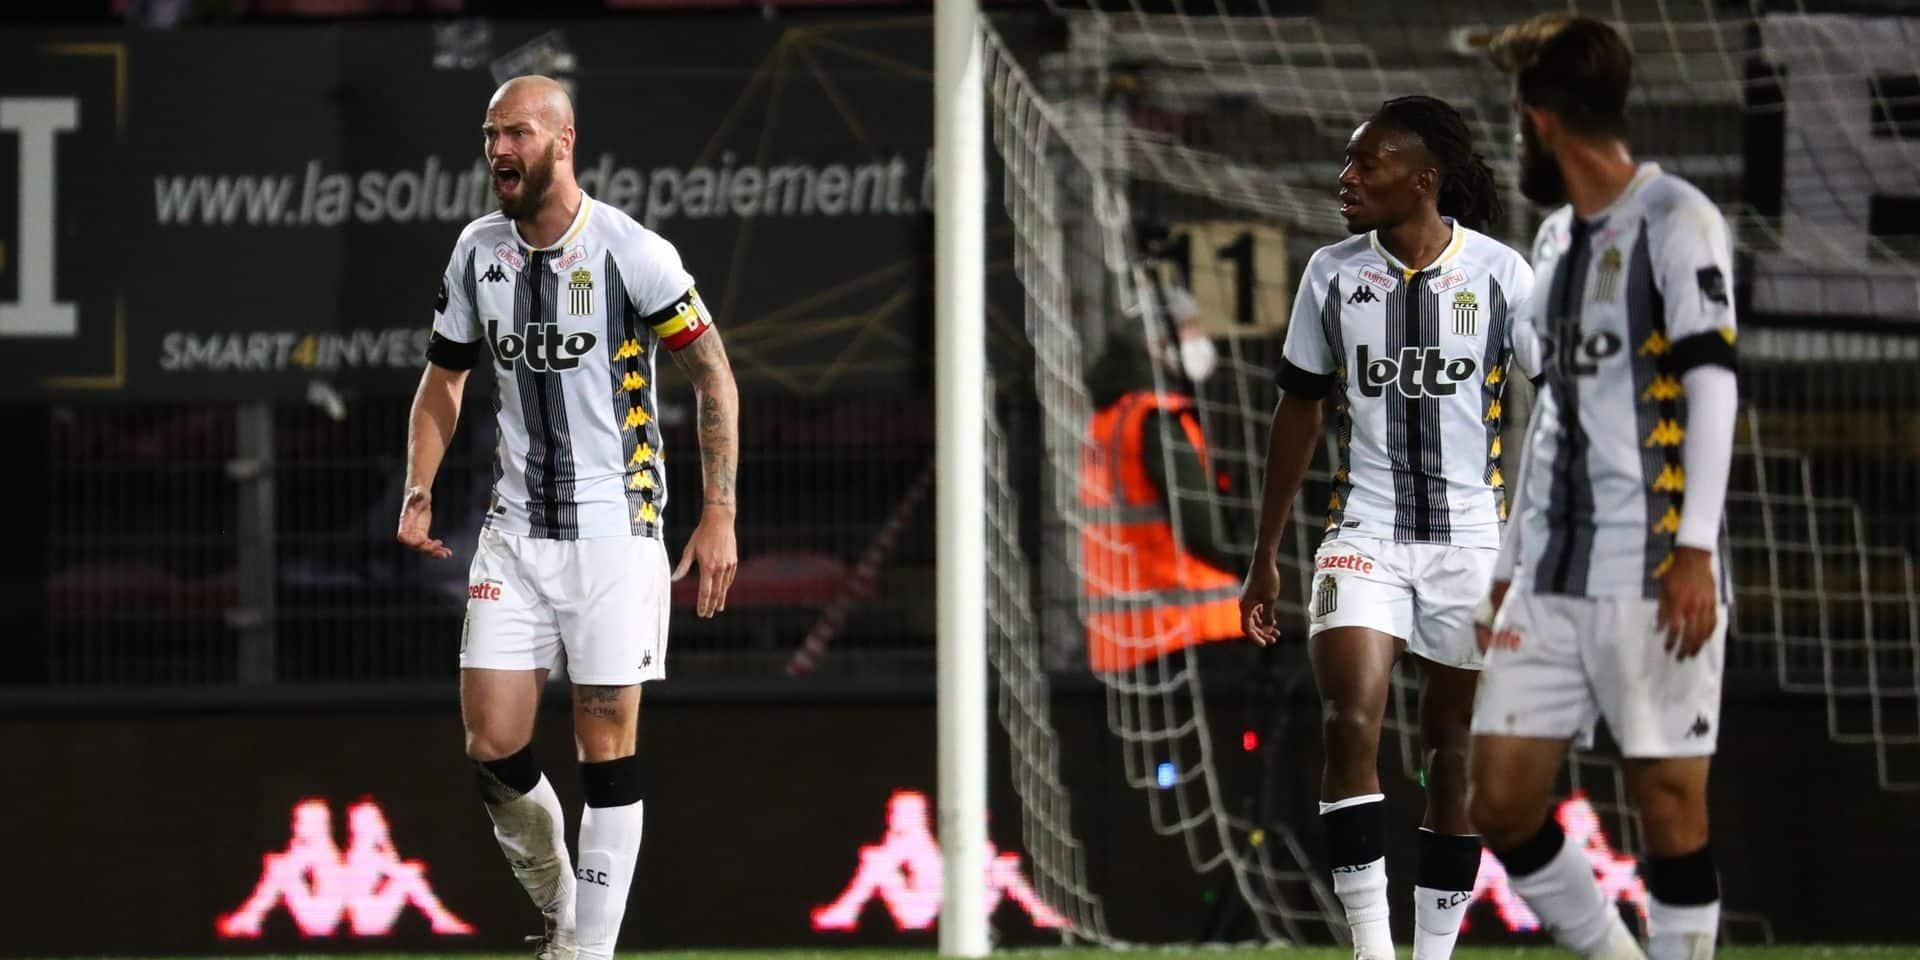 """Dessoleil réagit après la défaite de Charleroi: """"Certains ont oublié que c'était un derby"""""""